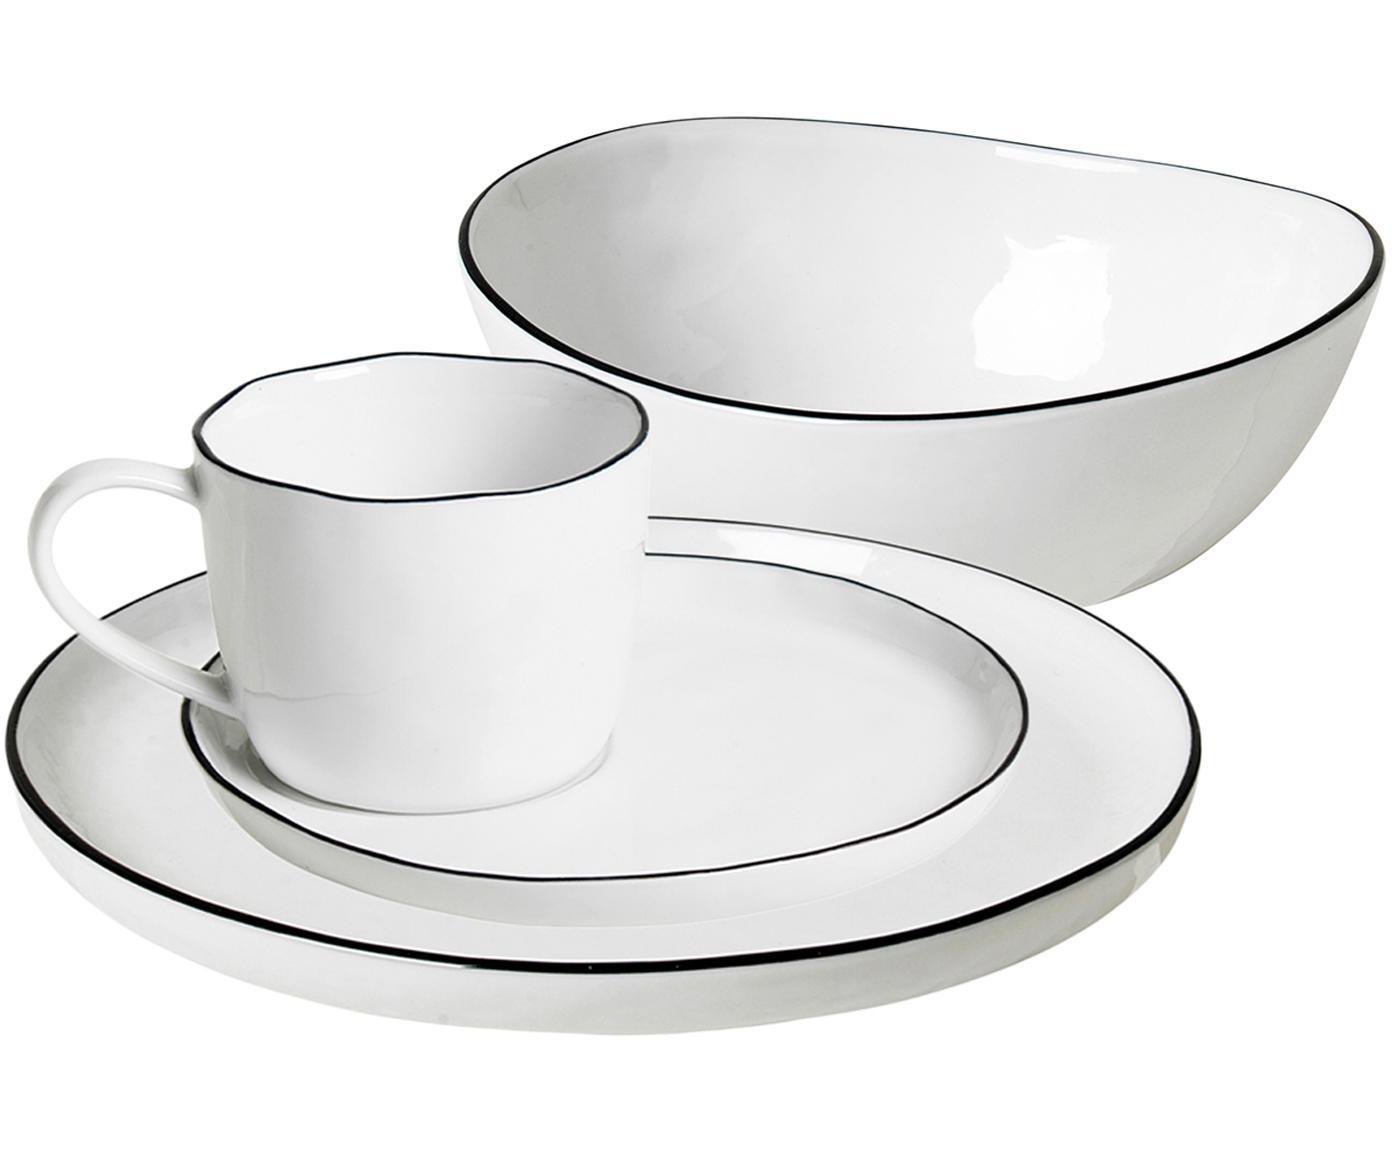 Handgemaakte ontbijtset Salt, 16-delig, Porselein, Gebroken wit, zwart, Verschillende formaten